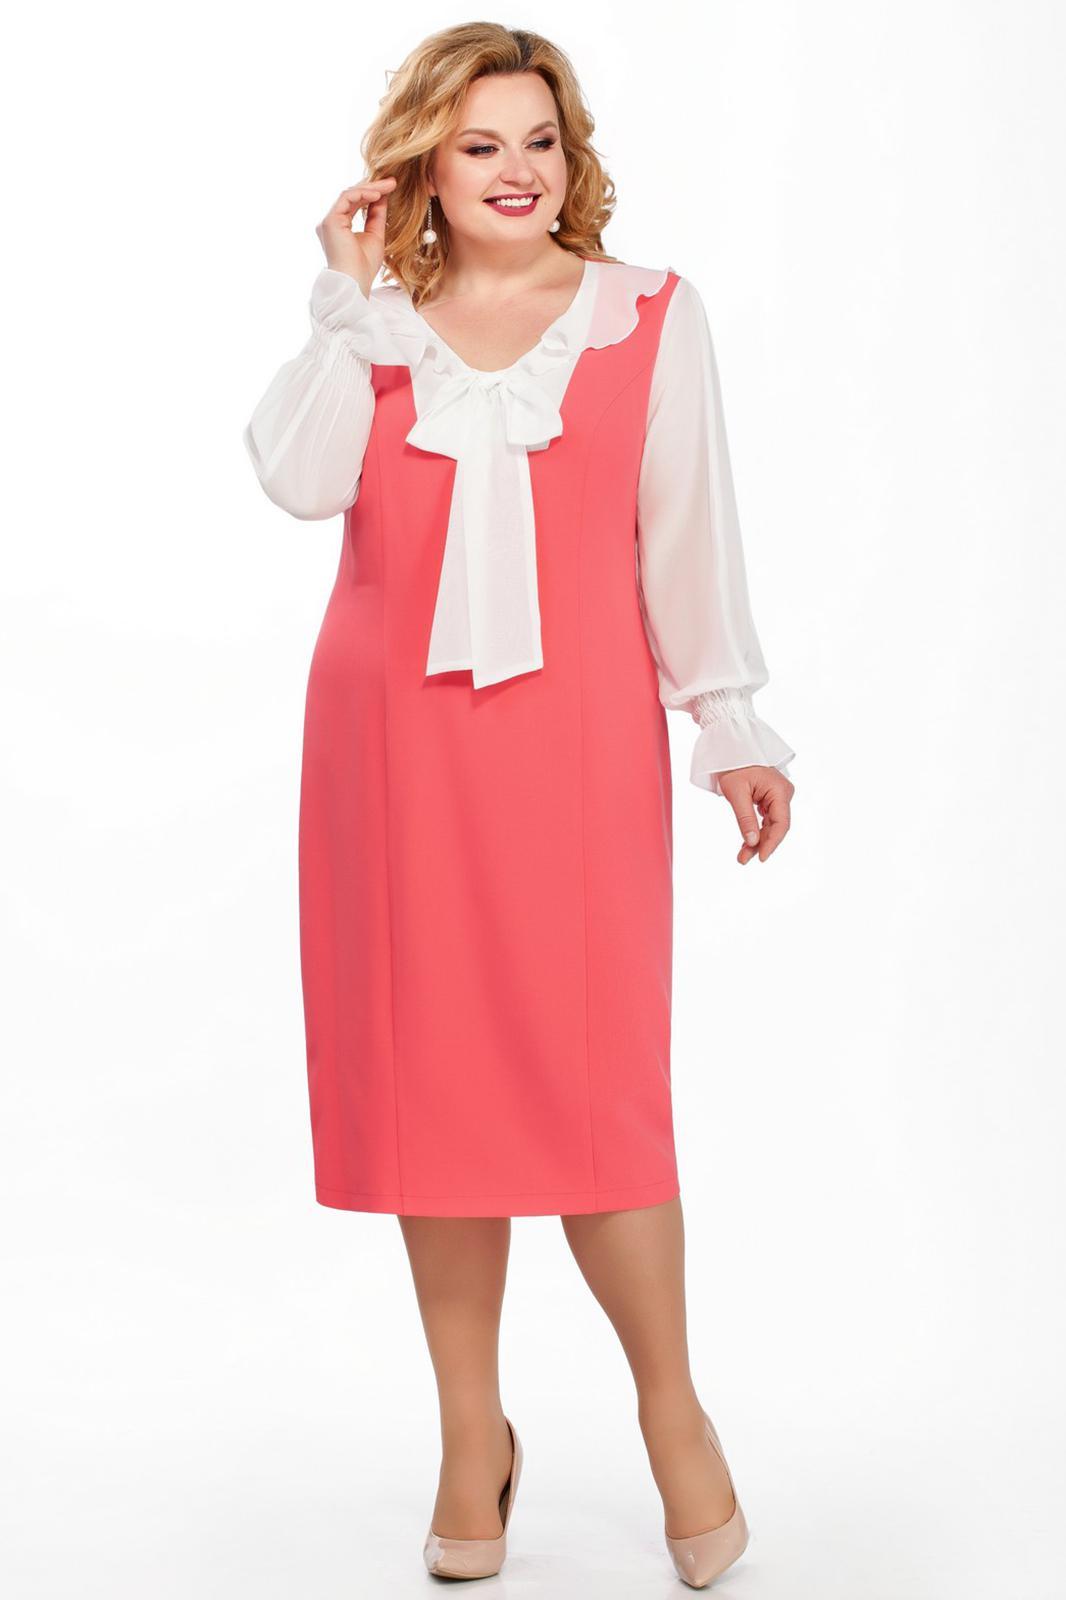 LIA2924 Rozā kleita ar šifona piedurknēm un banti